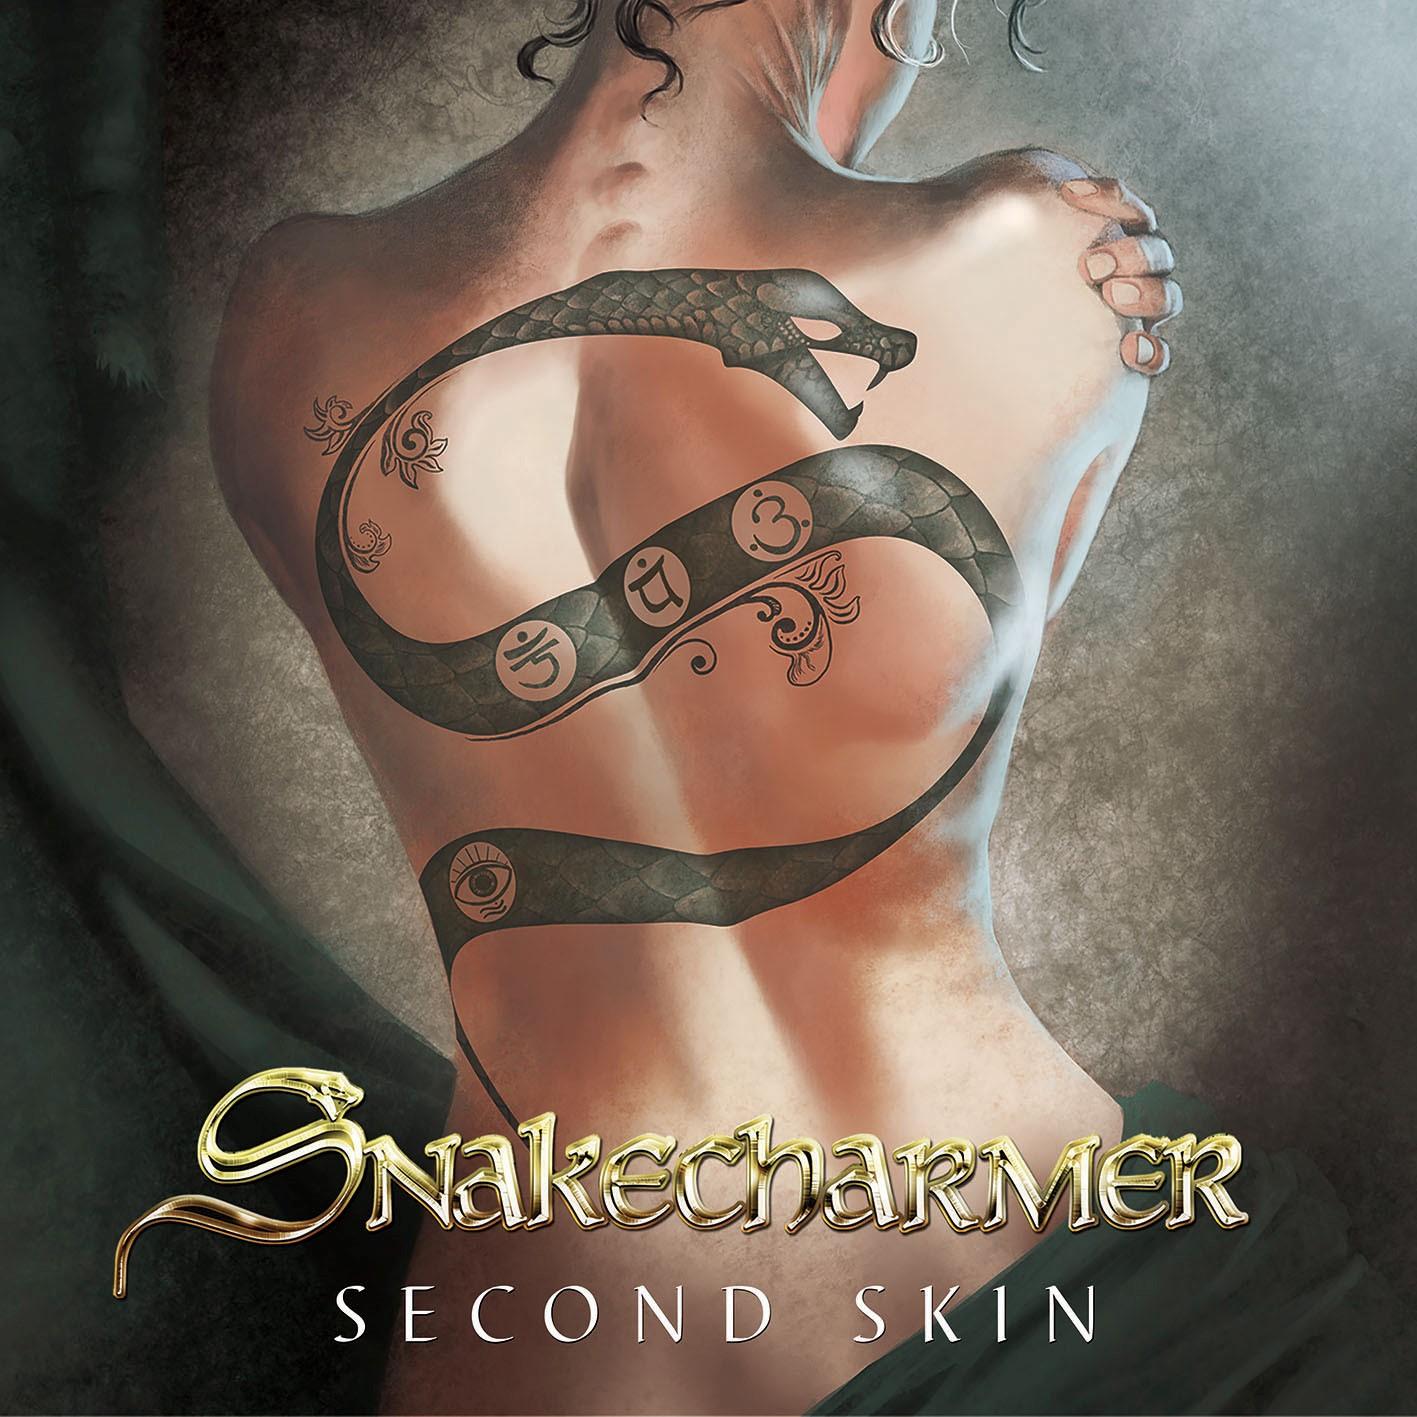 snakecharmer - second skin